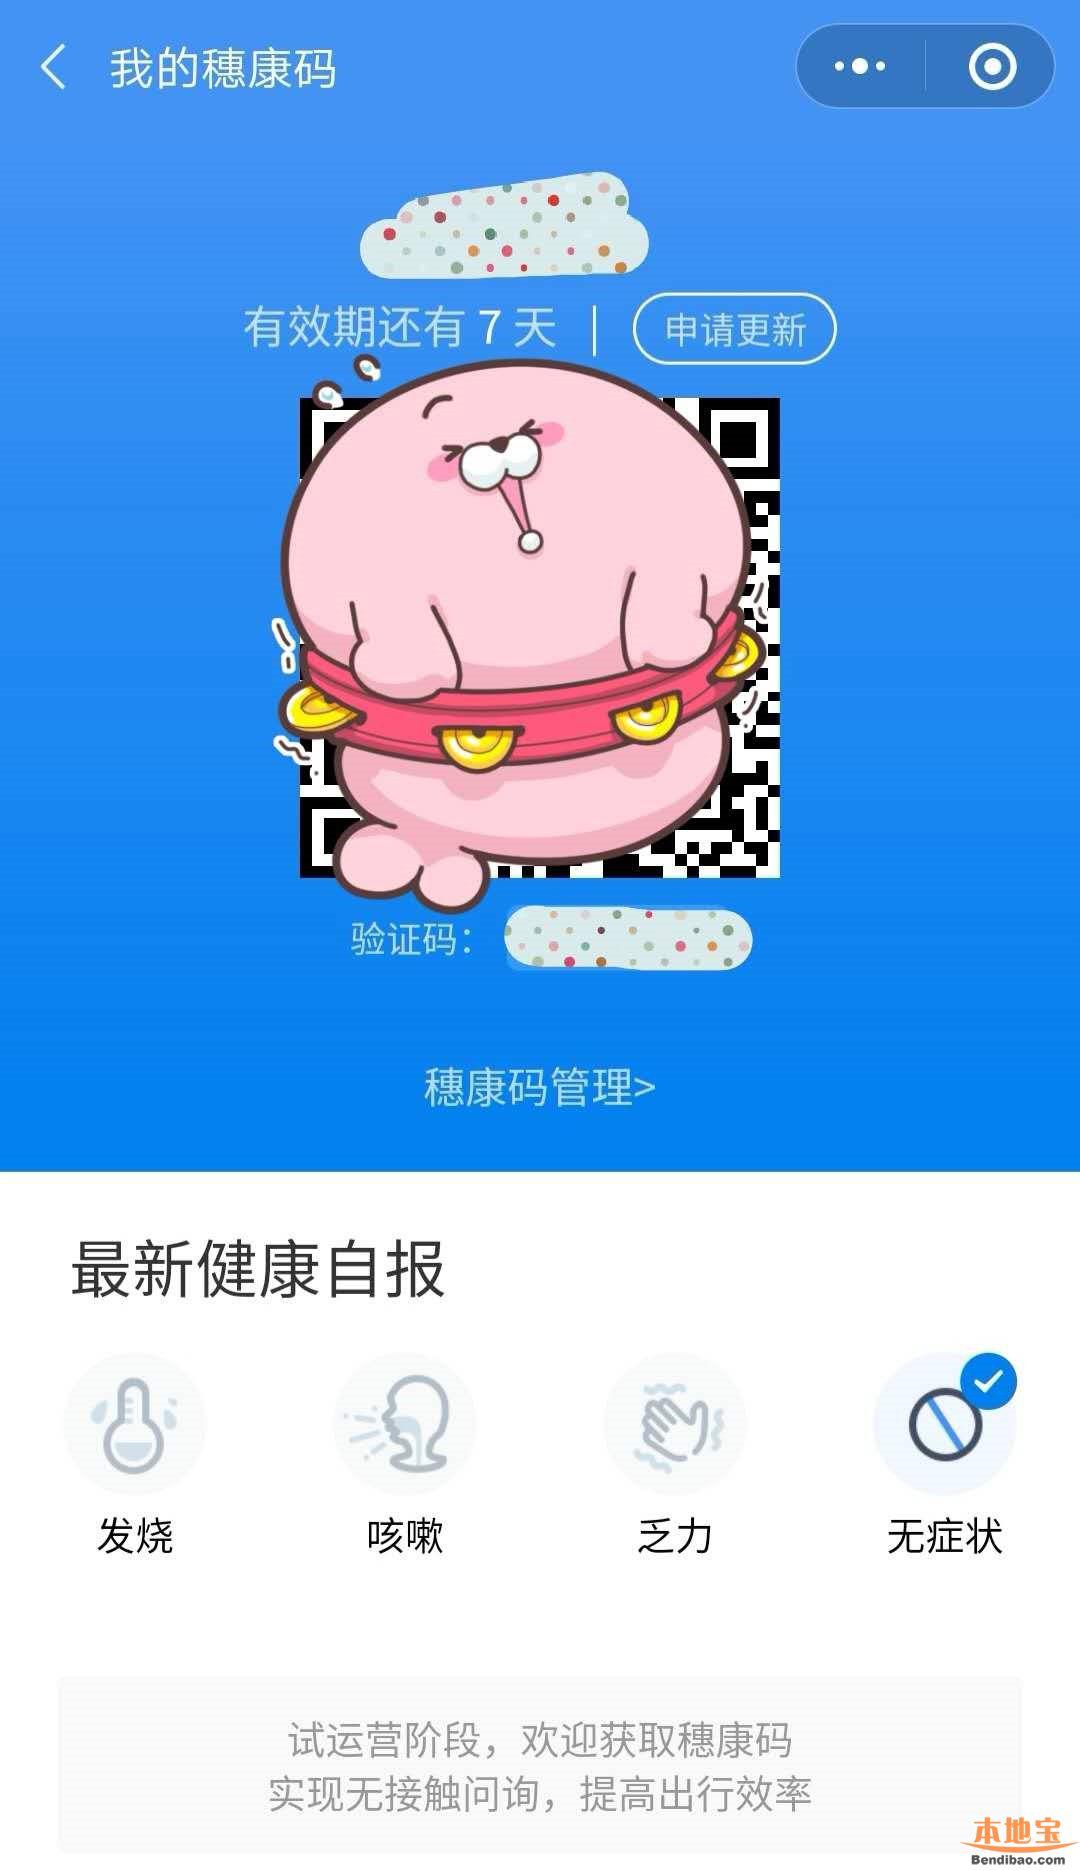 去广州出差两三天也要申请穗康码吗